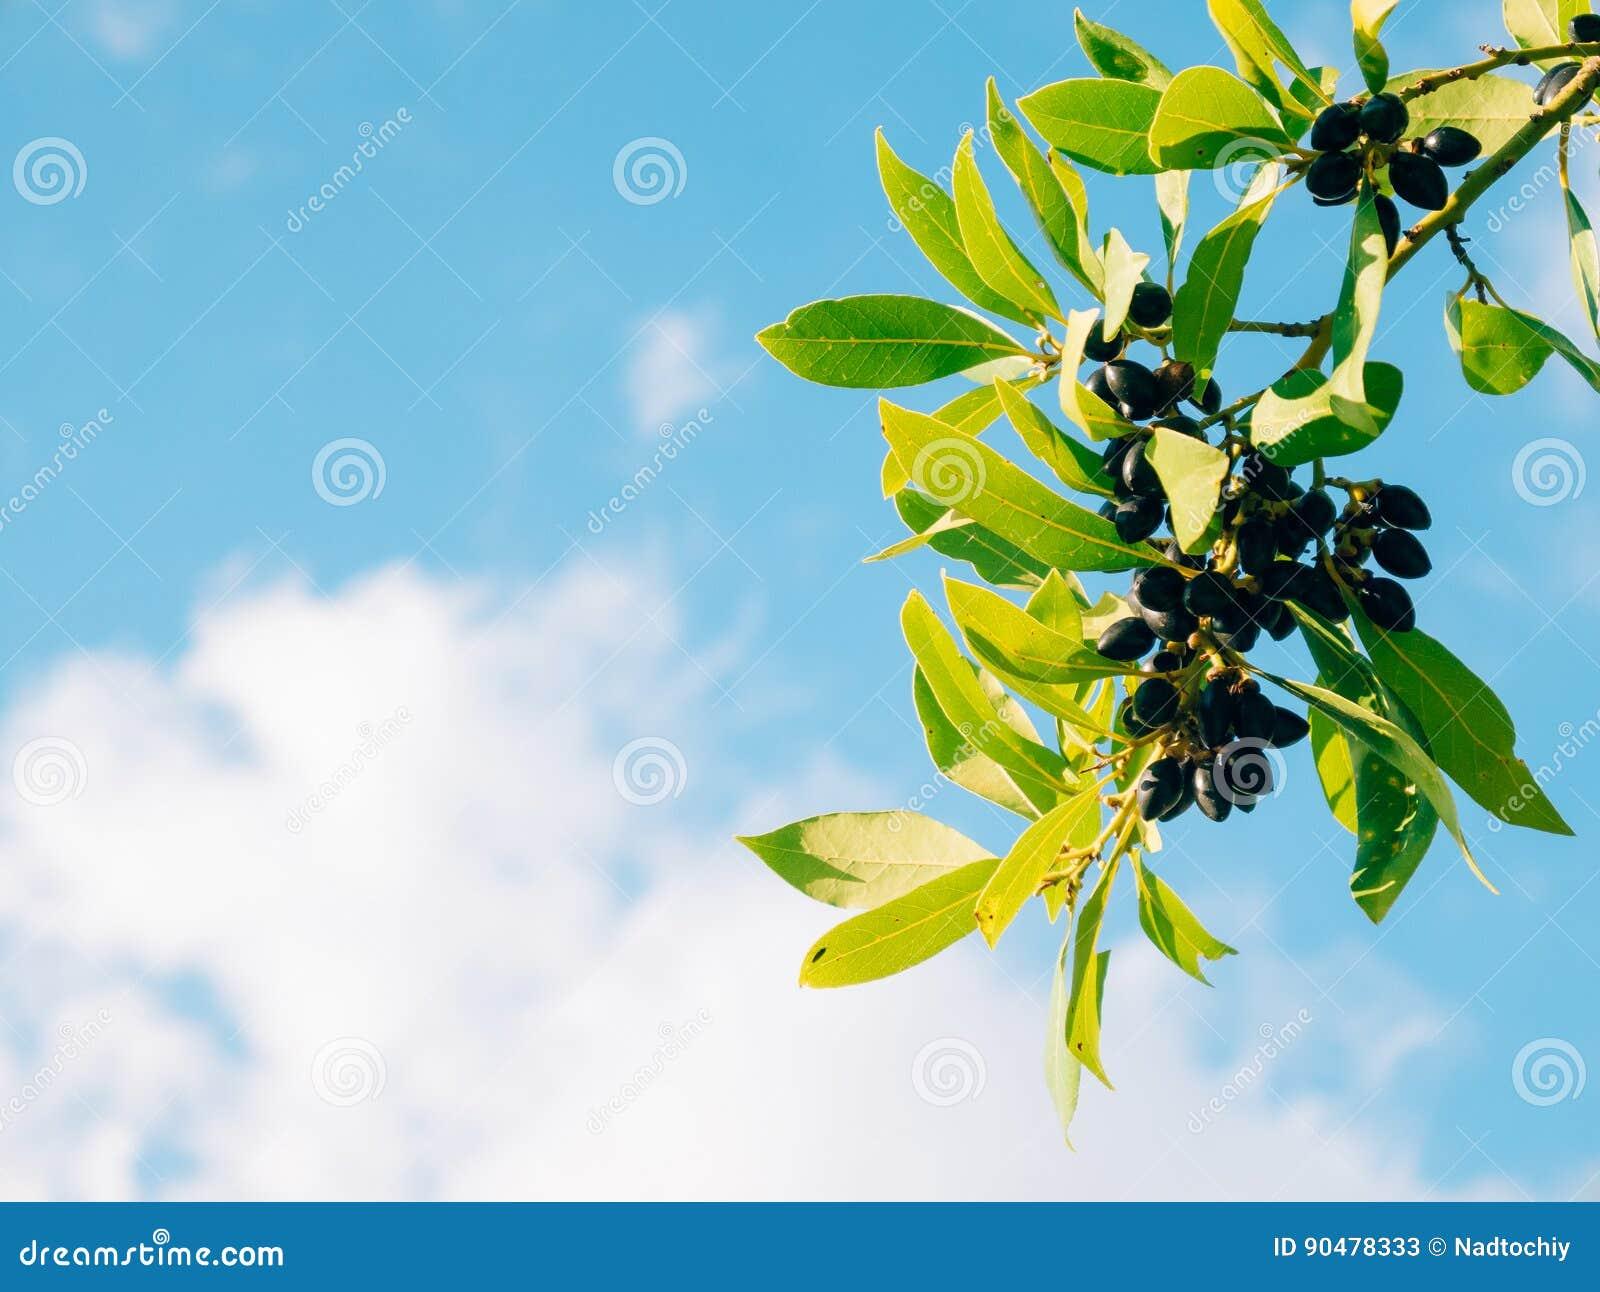 Liście bobek i jagody na drzewie Laurowy liść w dzikim